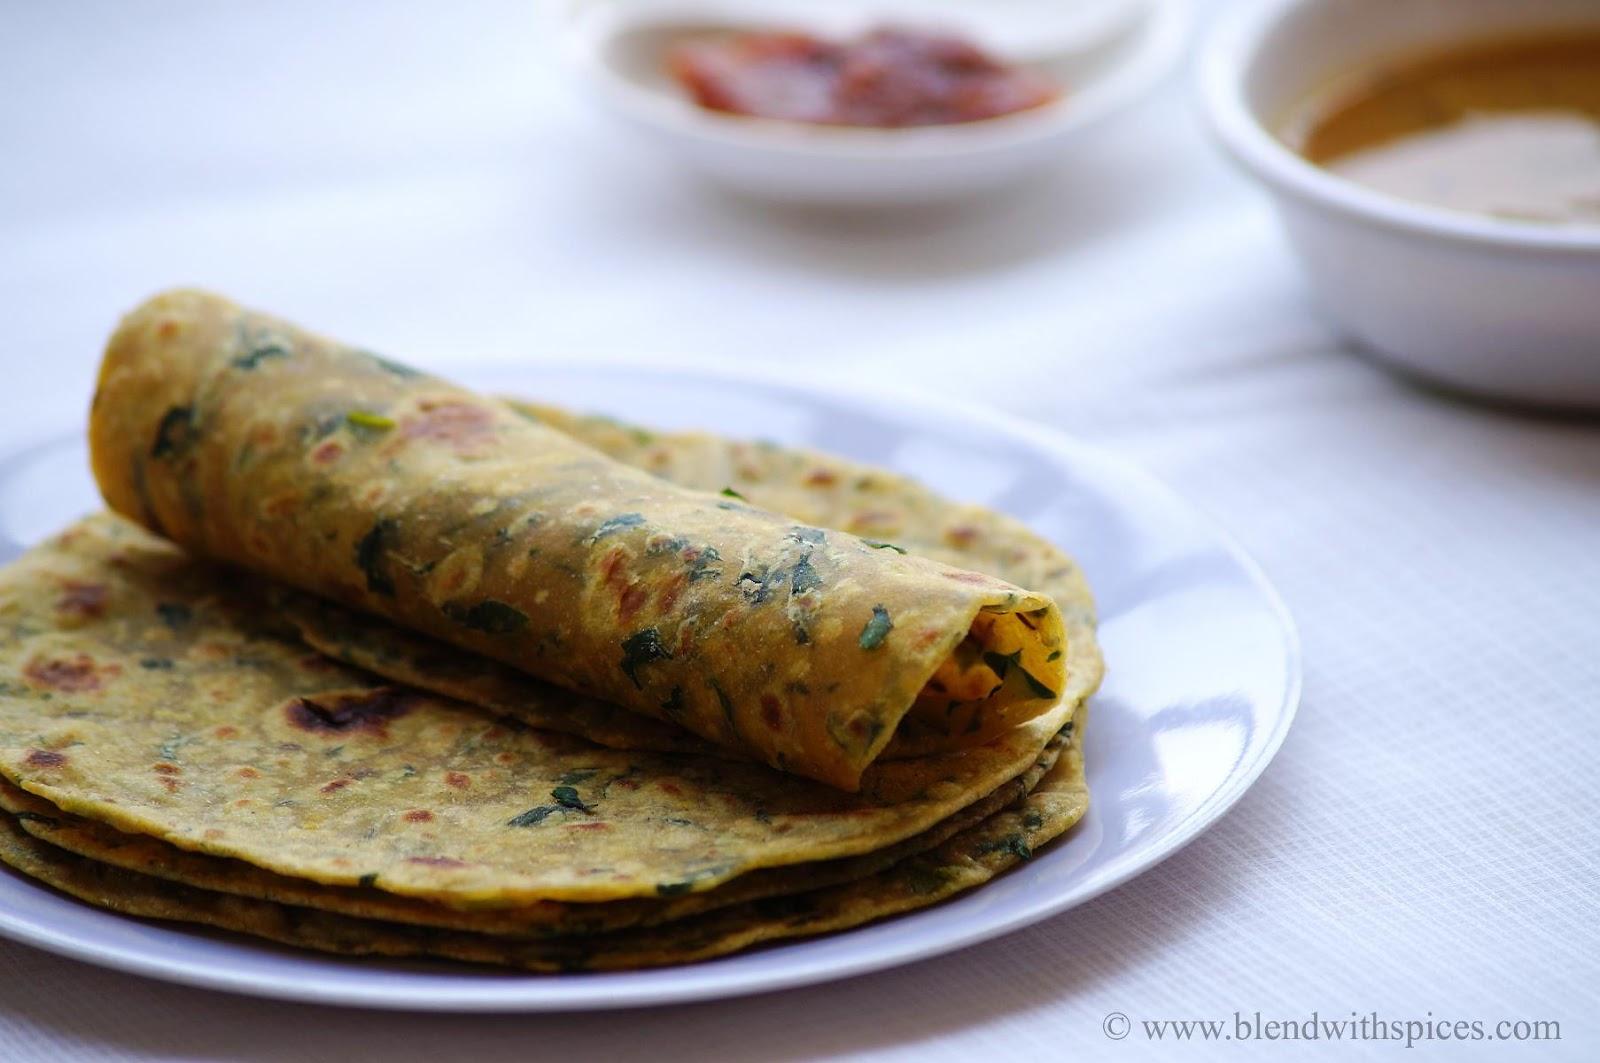 Methi Paratha Recipe - How to make Methi Paratha - Fenugreek Paratha - Step by Step Recipe